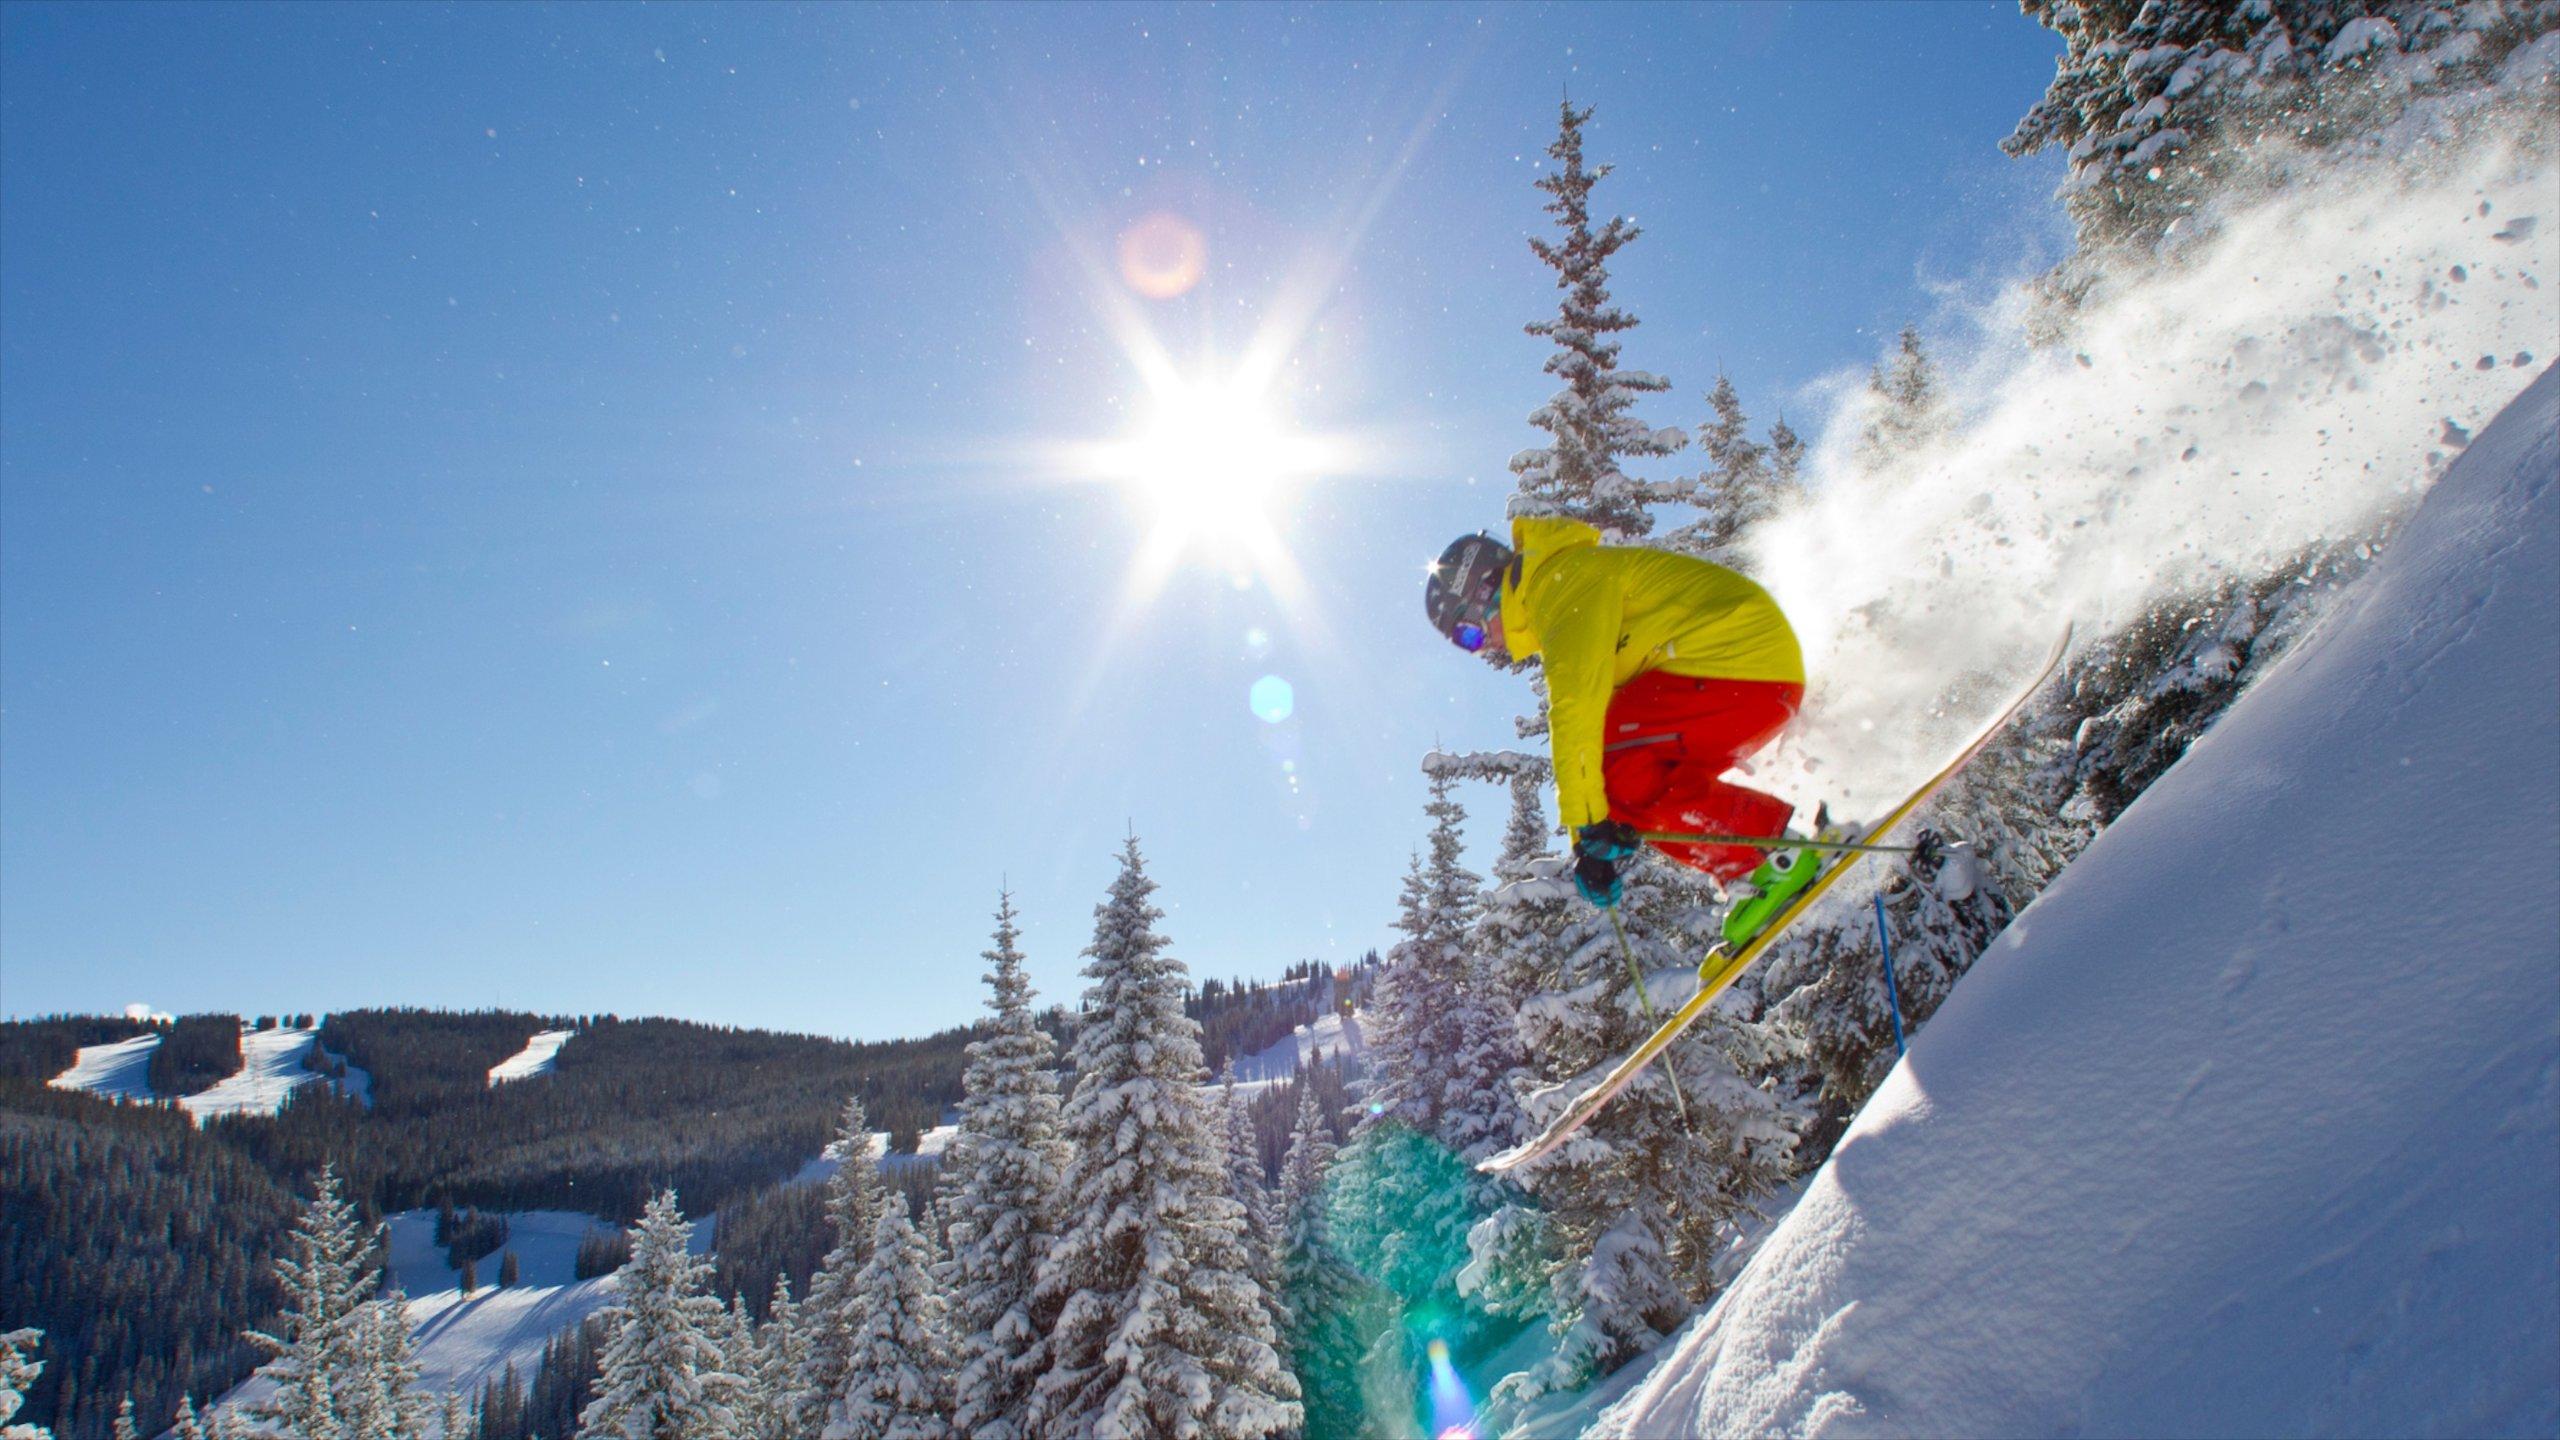 Breckenridge Ski Resort, Breckenridge, Colorado, United States of America